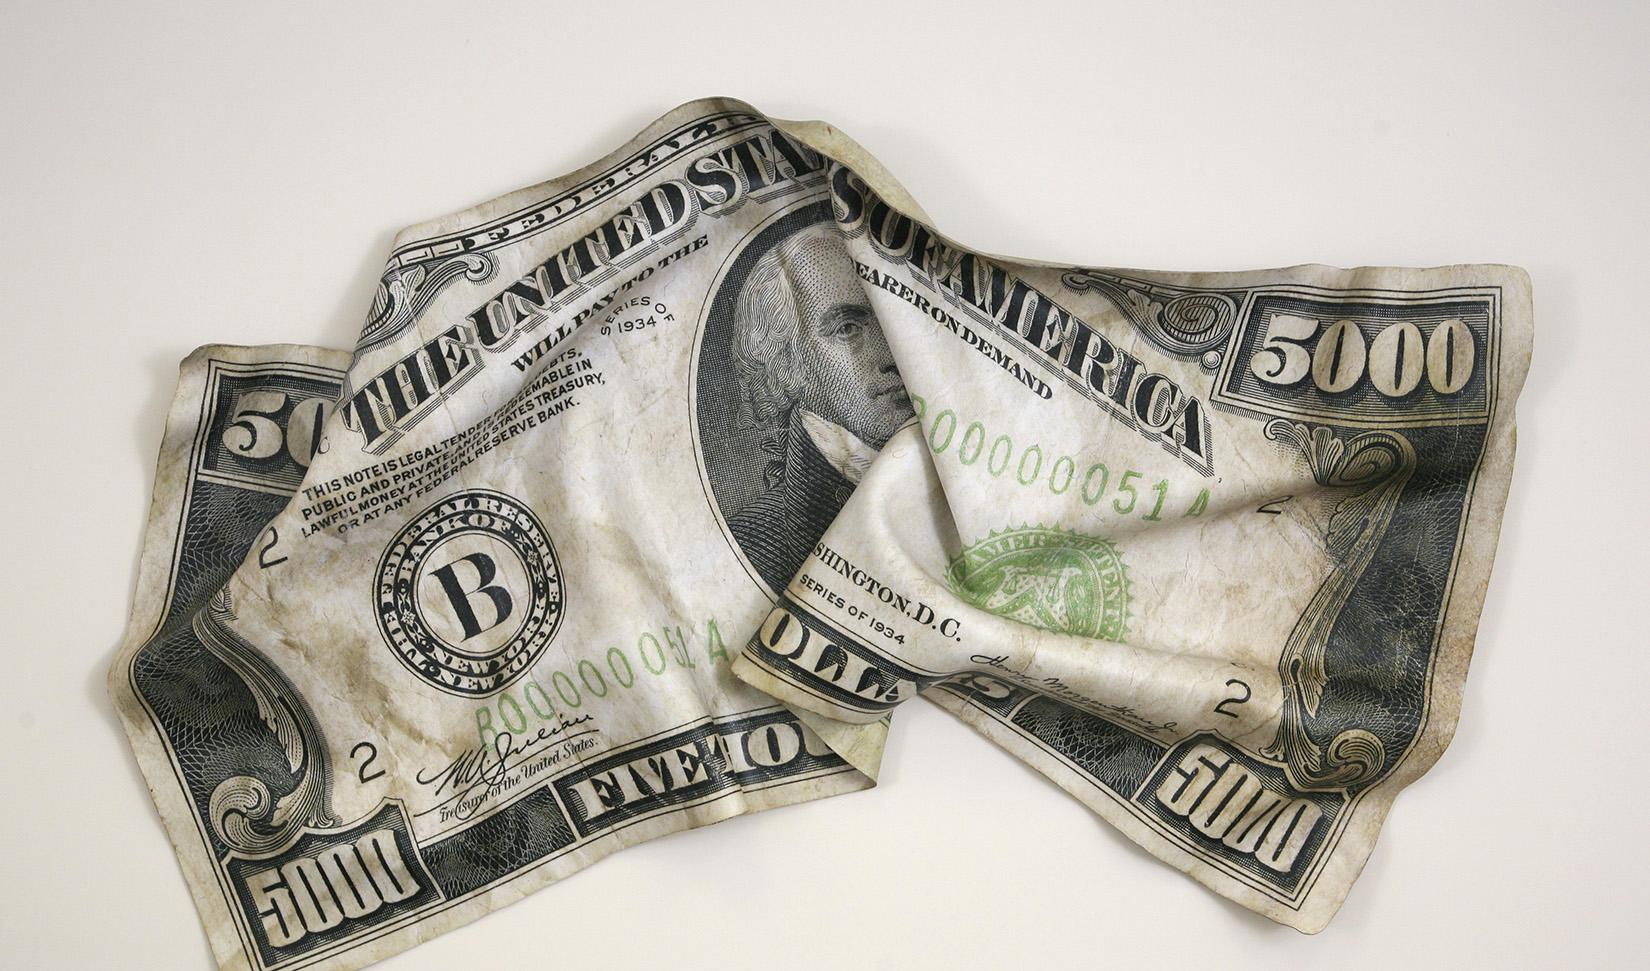 دلار به تدریج از مبادلات روسیه و ترکیه حذف خواهد شد